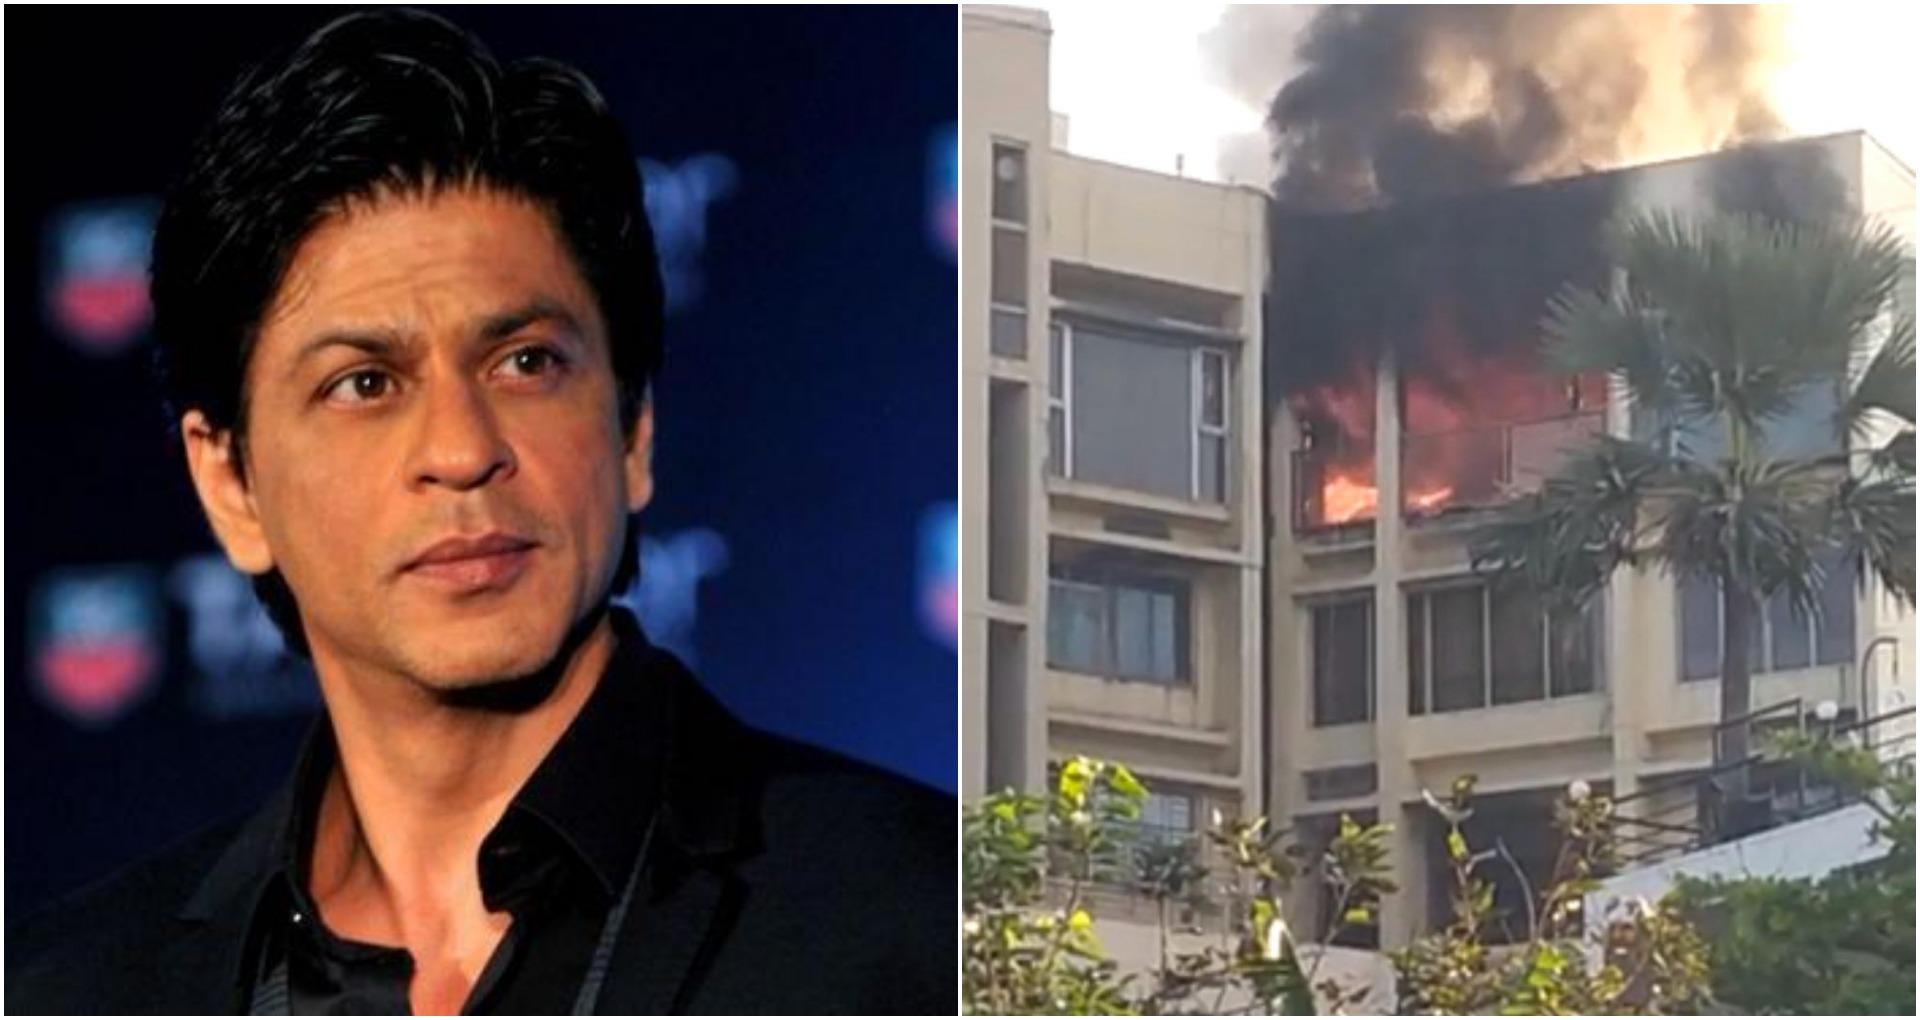 शाहरुख खान के बंगले 'मन्नत' के पास बिल्डिंग में लगी आग, 1 व्यक्ति की मौत और एक घायल